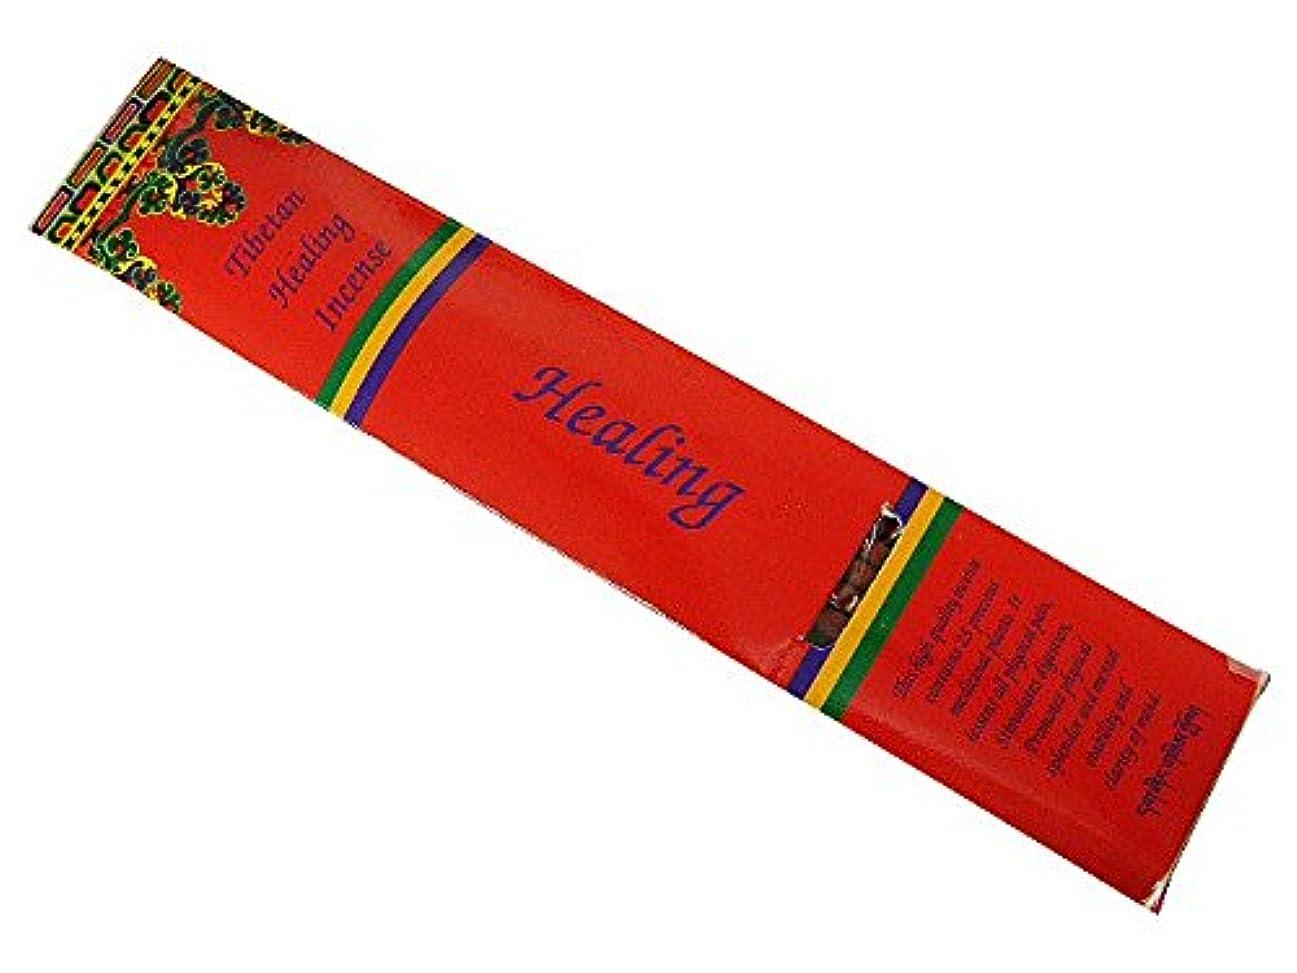 クロニクルアンティーク恒久的カチュガキリン チベット仏教尼寺院コパンアニゴンパ「カチュガキリン」のお香【FLAT HEALING】